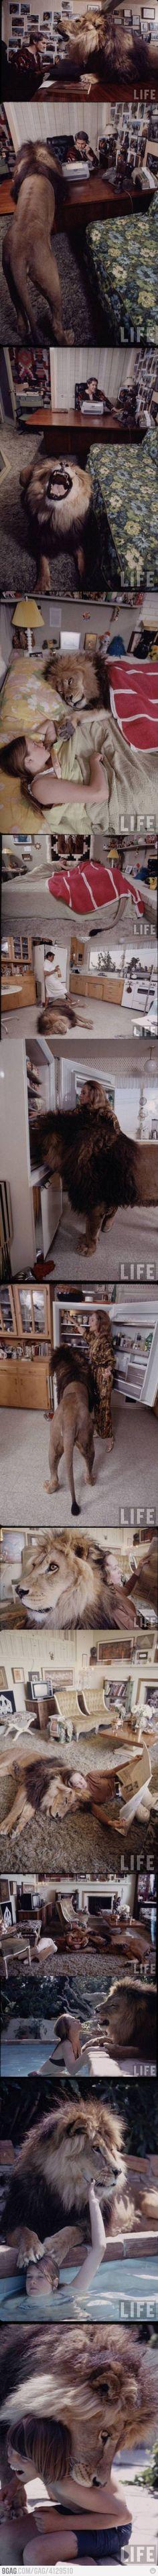 quiero un gatito de estos en mi cuarto!